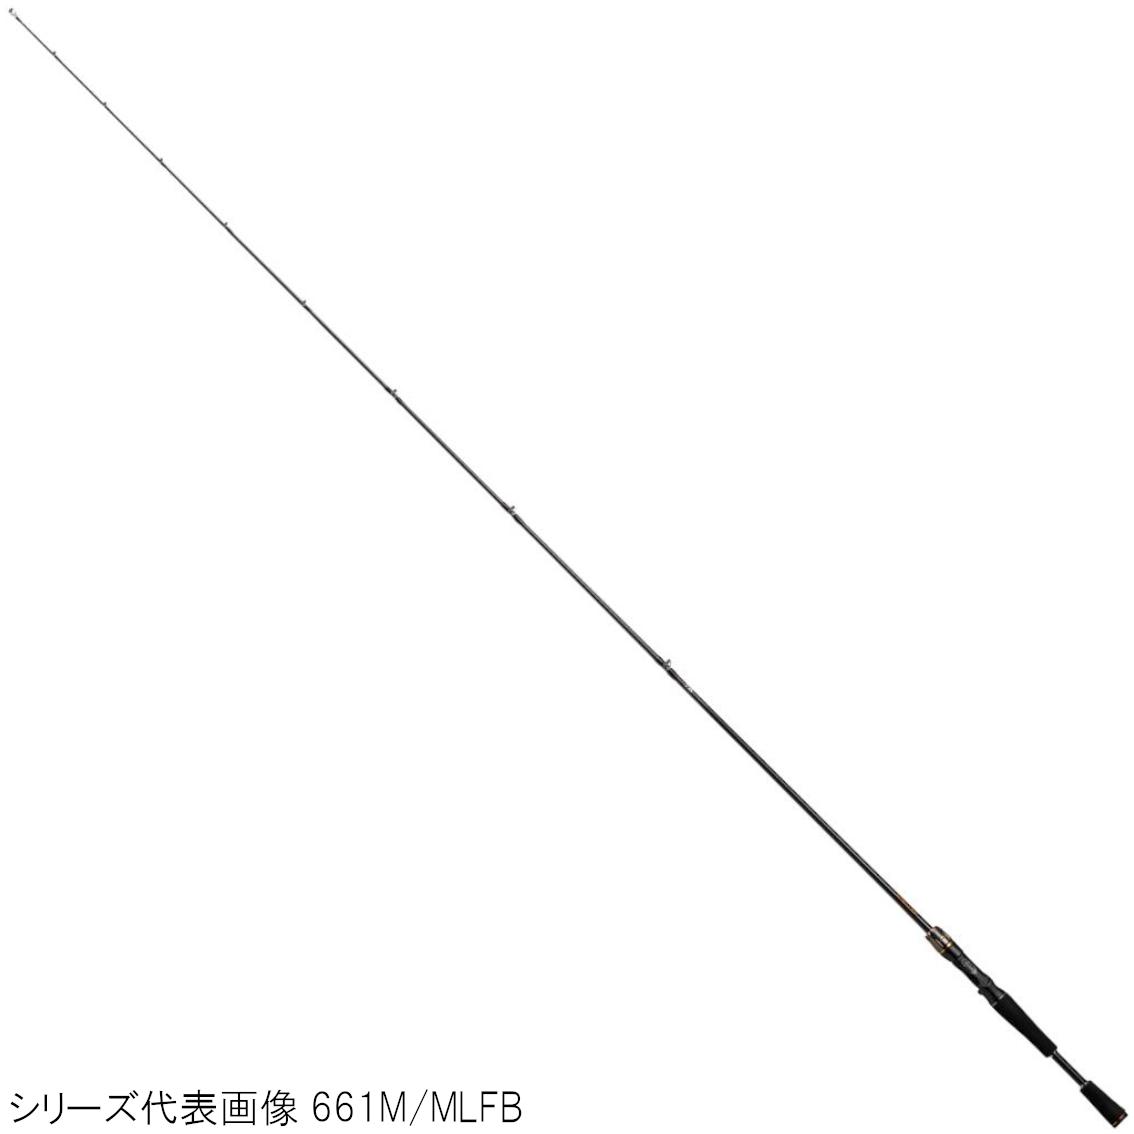 ダイワ リベリオン(ベイトモデル) 6101MRB【大型商品】